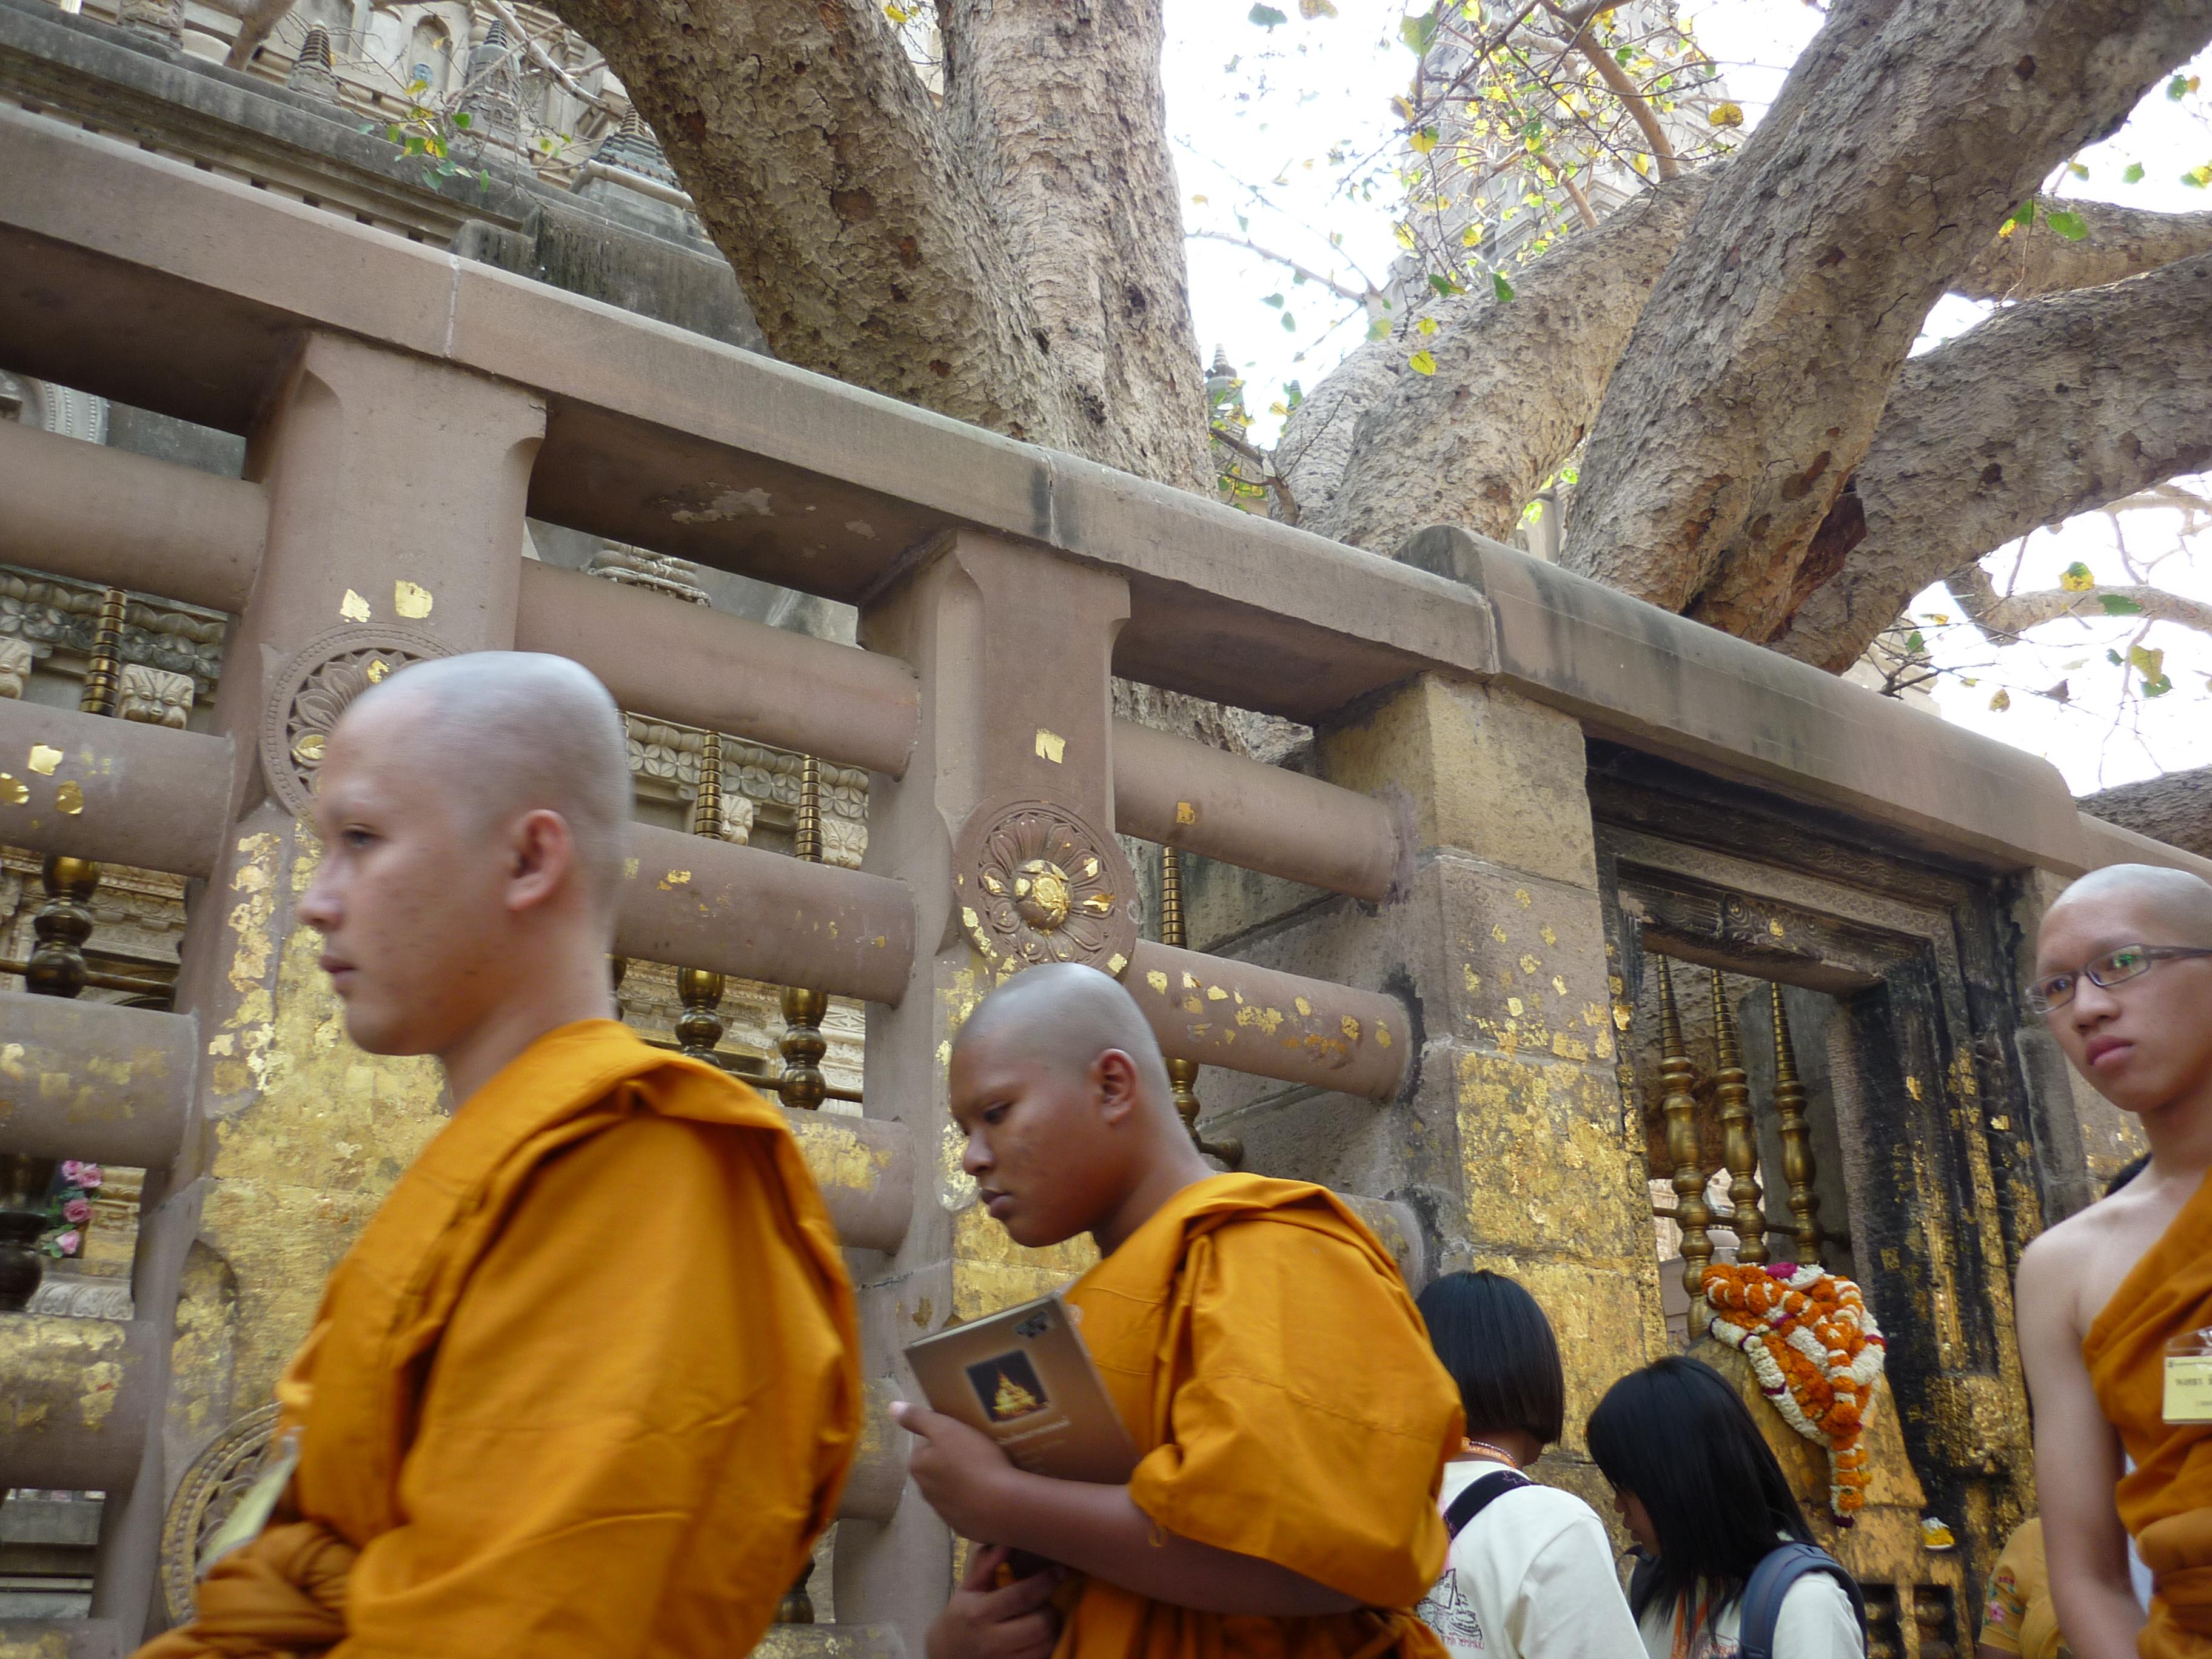 Bodhgaya // Genau hinter dieser Absperrung erlangte Siddharta Gautama in seinem 35. Lebensjahr nach langer Meditation Erleuchtung. Just in dem Moment, als ihm ein Blatt vom Bodhibaum auf den Bauch fiel, wurde er zu Buddha, dem Erleuchteten. Aus diesem Grunde ist Bodhgaya ein beliebter Pilgerort für spirituelle Menschen von überall her. Ich selbst stoße in dieser Stadt auf einen Sadhu (Heiliger Mann), der mir ein Chillum nach dem anderen stopft. Anstatt Erleuchtung finde ich, dank des gigantischen Rausches, ein ungeordnetes Chaos in mir selbst und fühle mich fast als Hippie. Schnelle Weiterreise ...